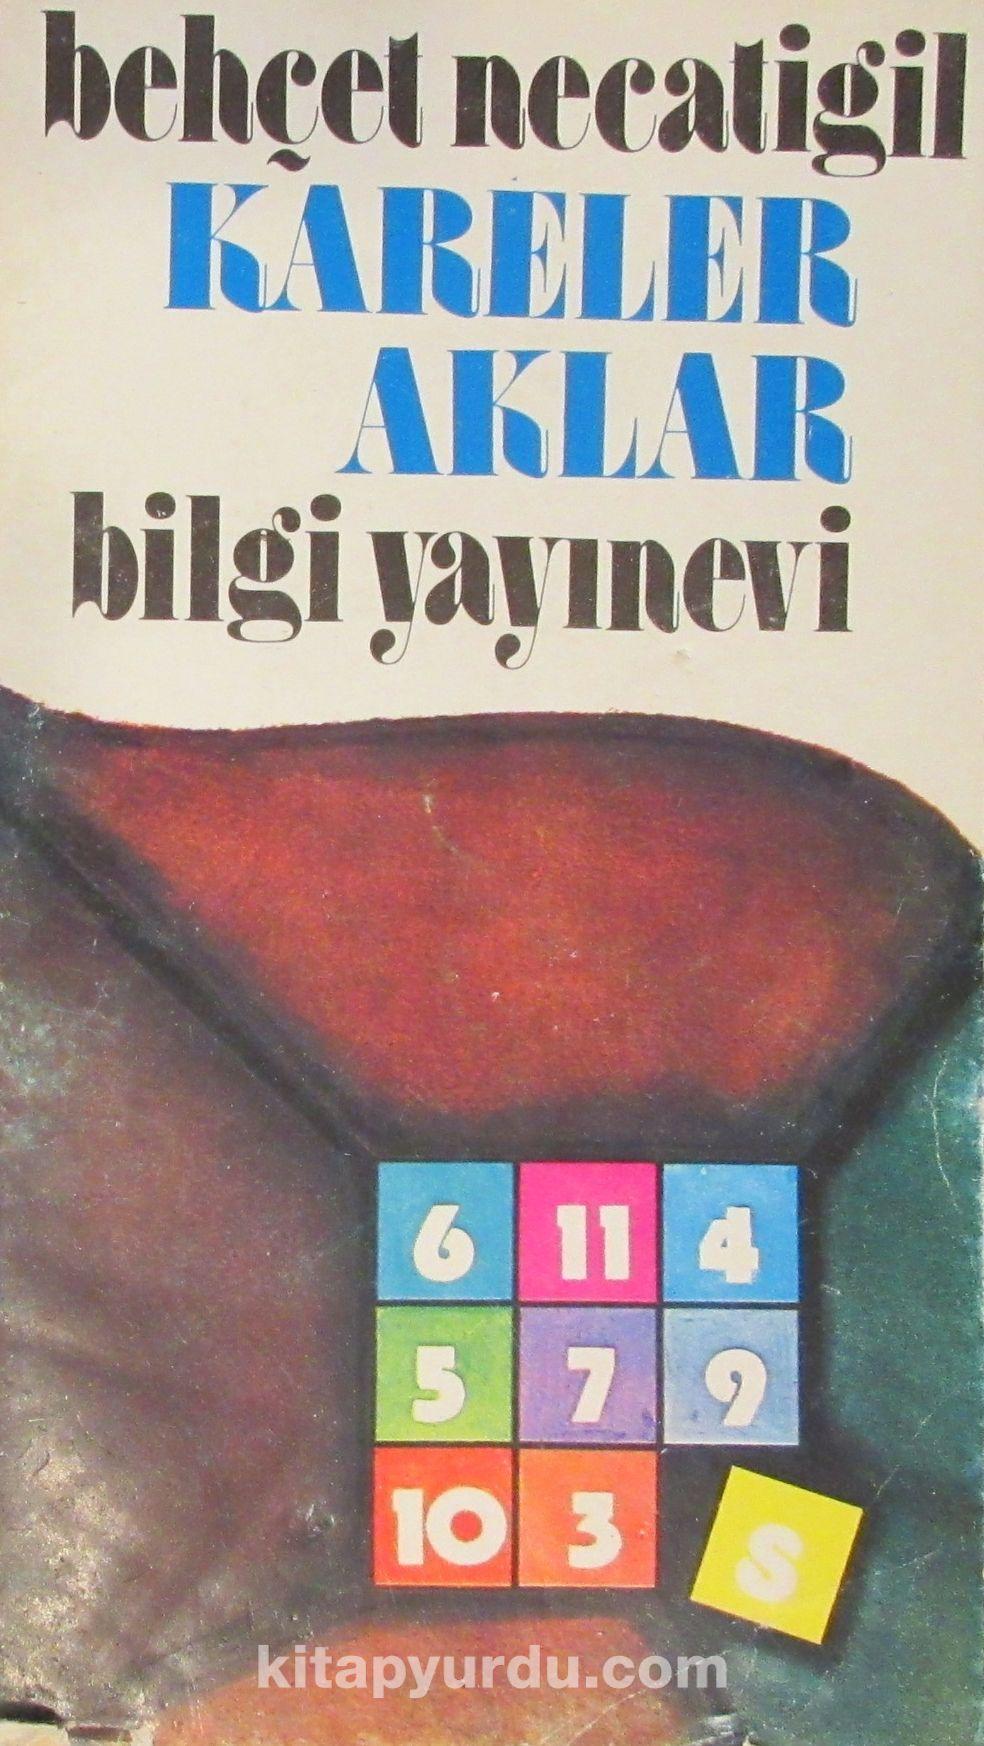 Kareler Aklar (2-G-44)